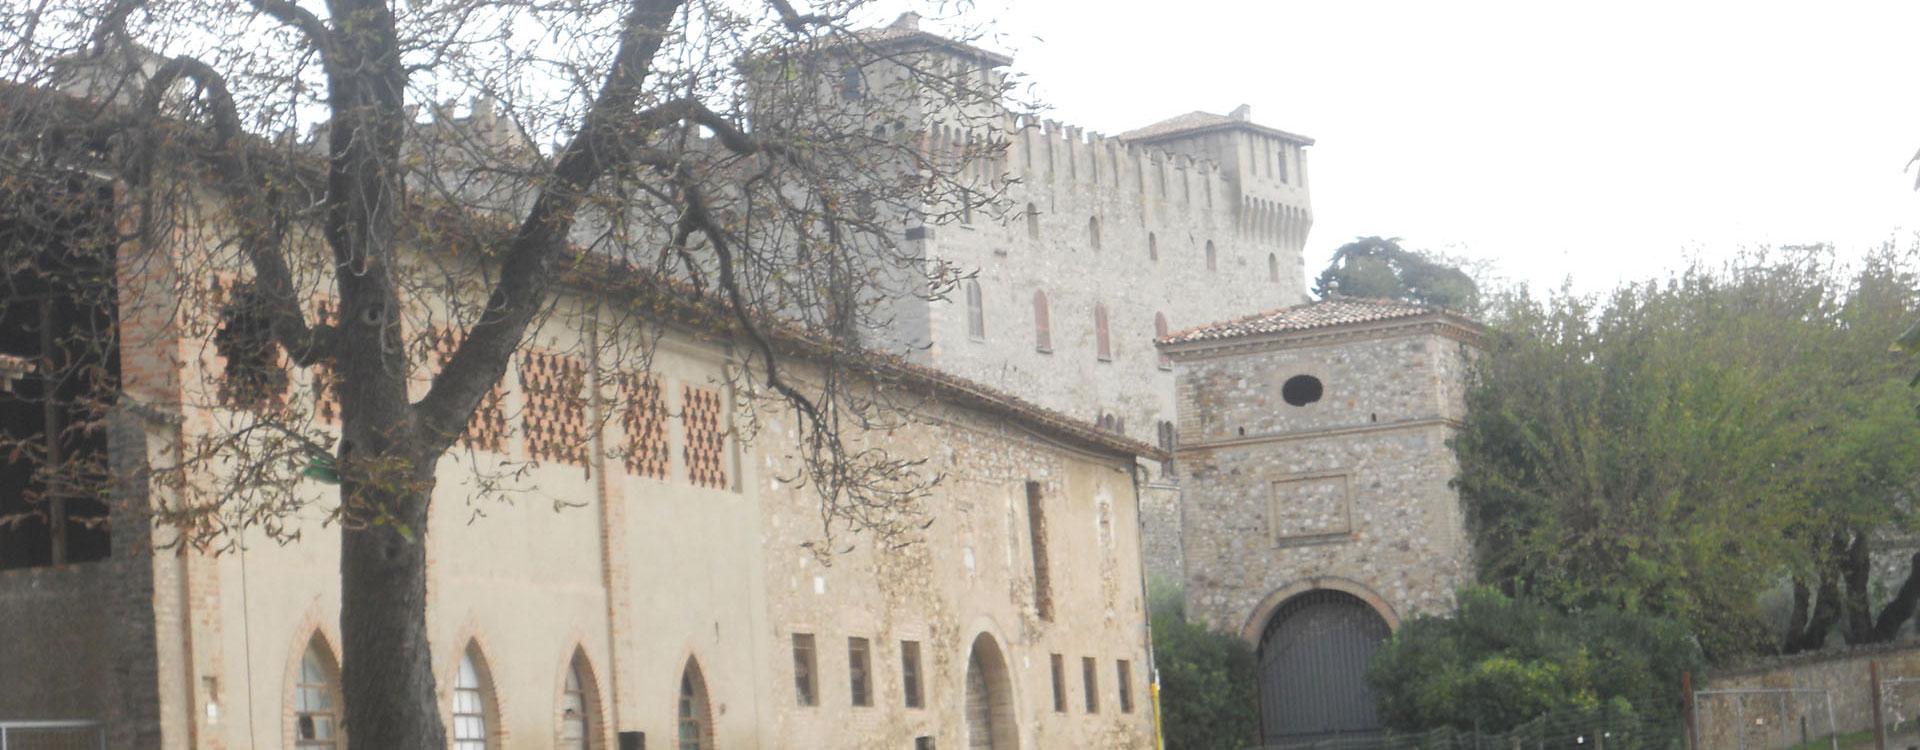 Castel Drugolo e fattorie Ambrosini<br> Expo 2015